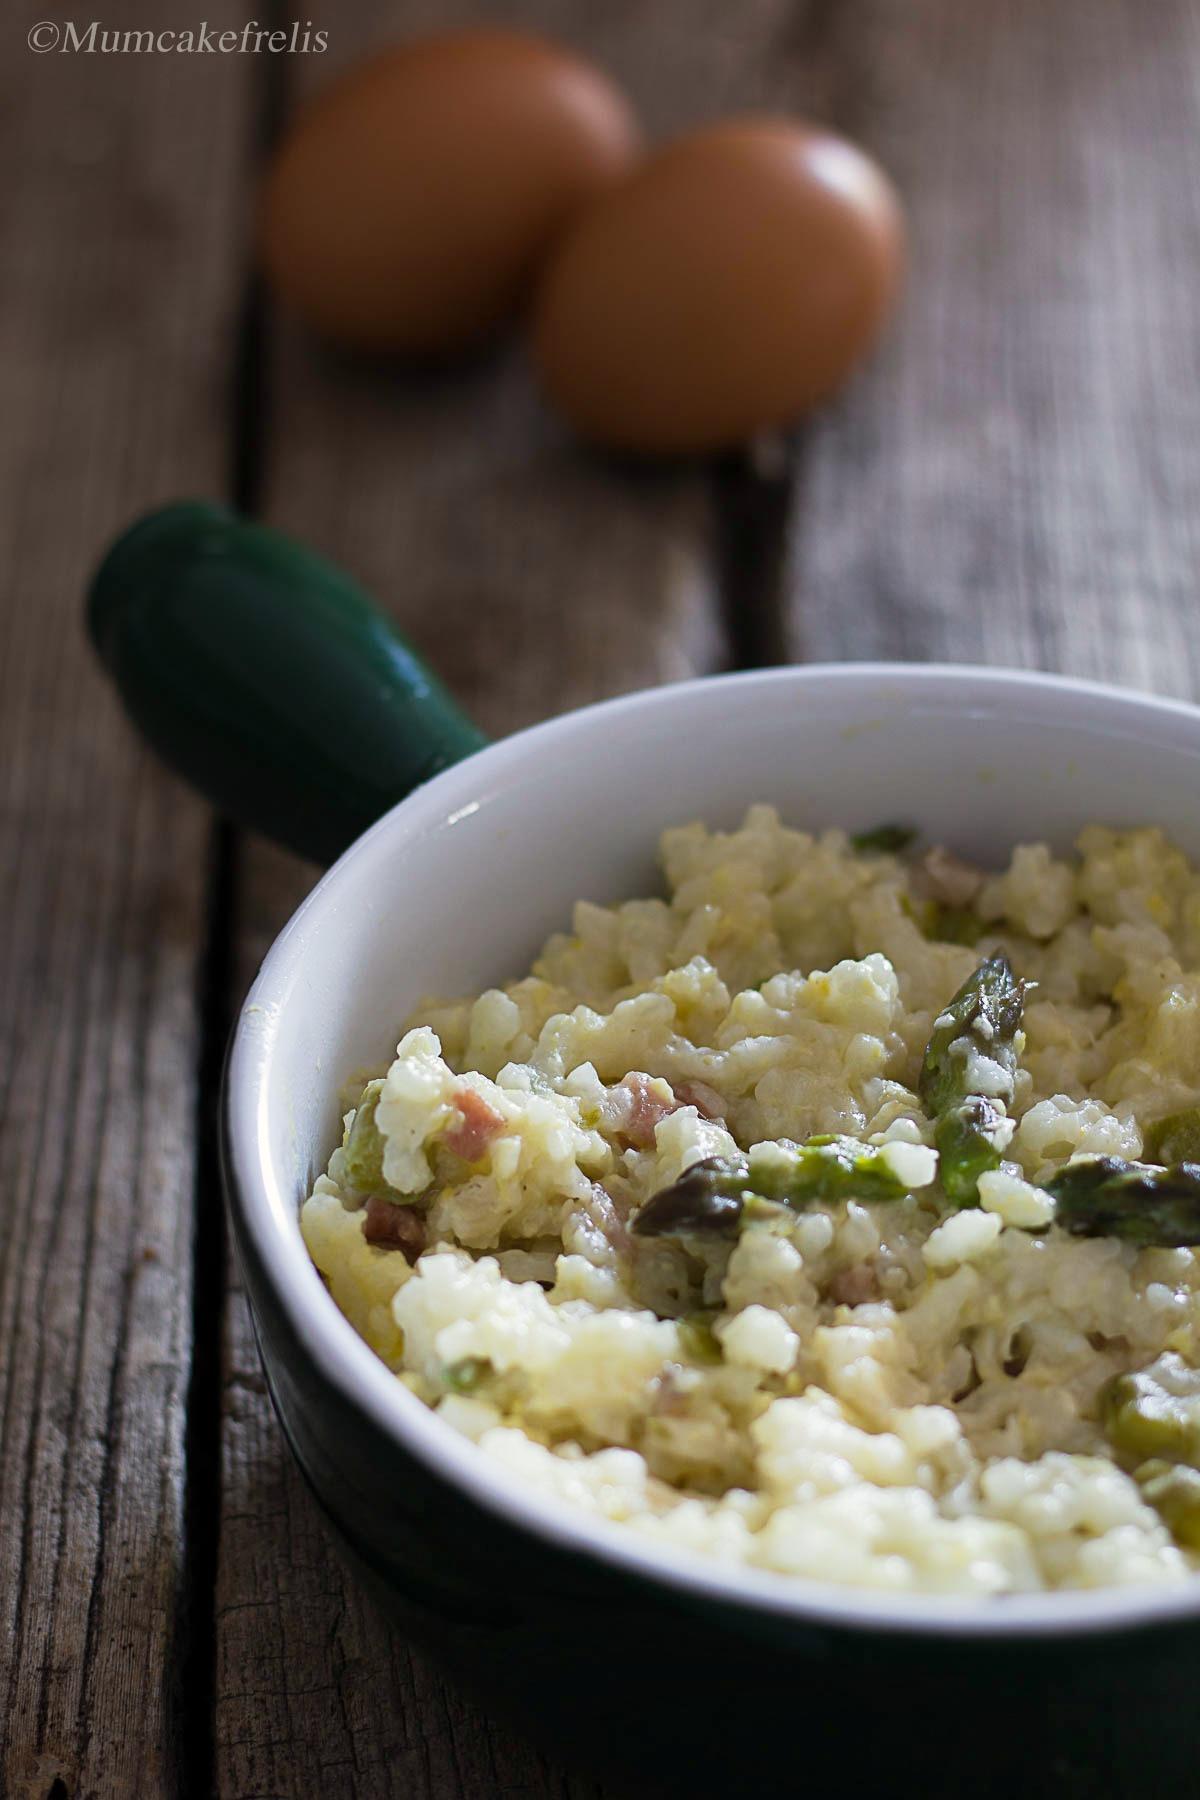 Risotto con asparagi e uova